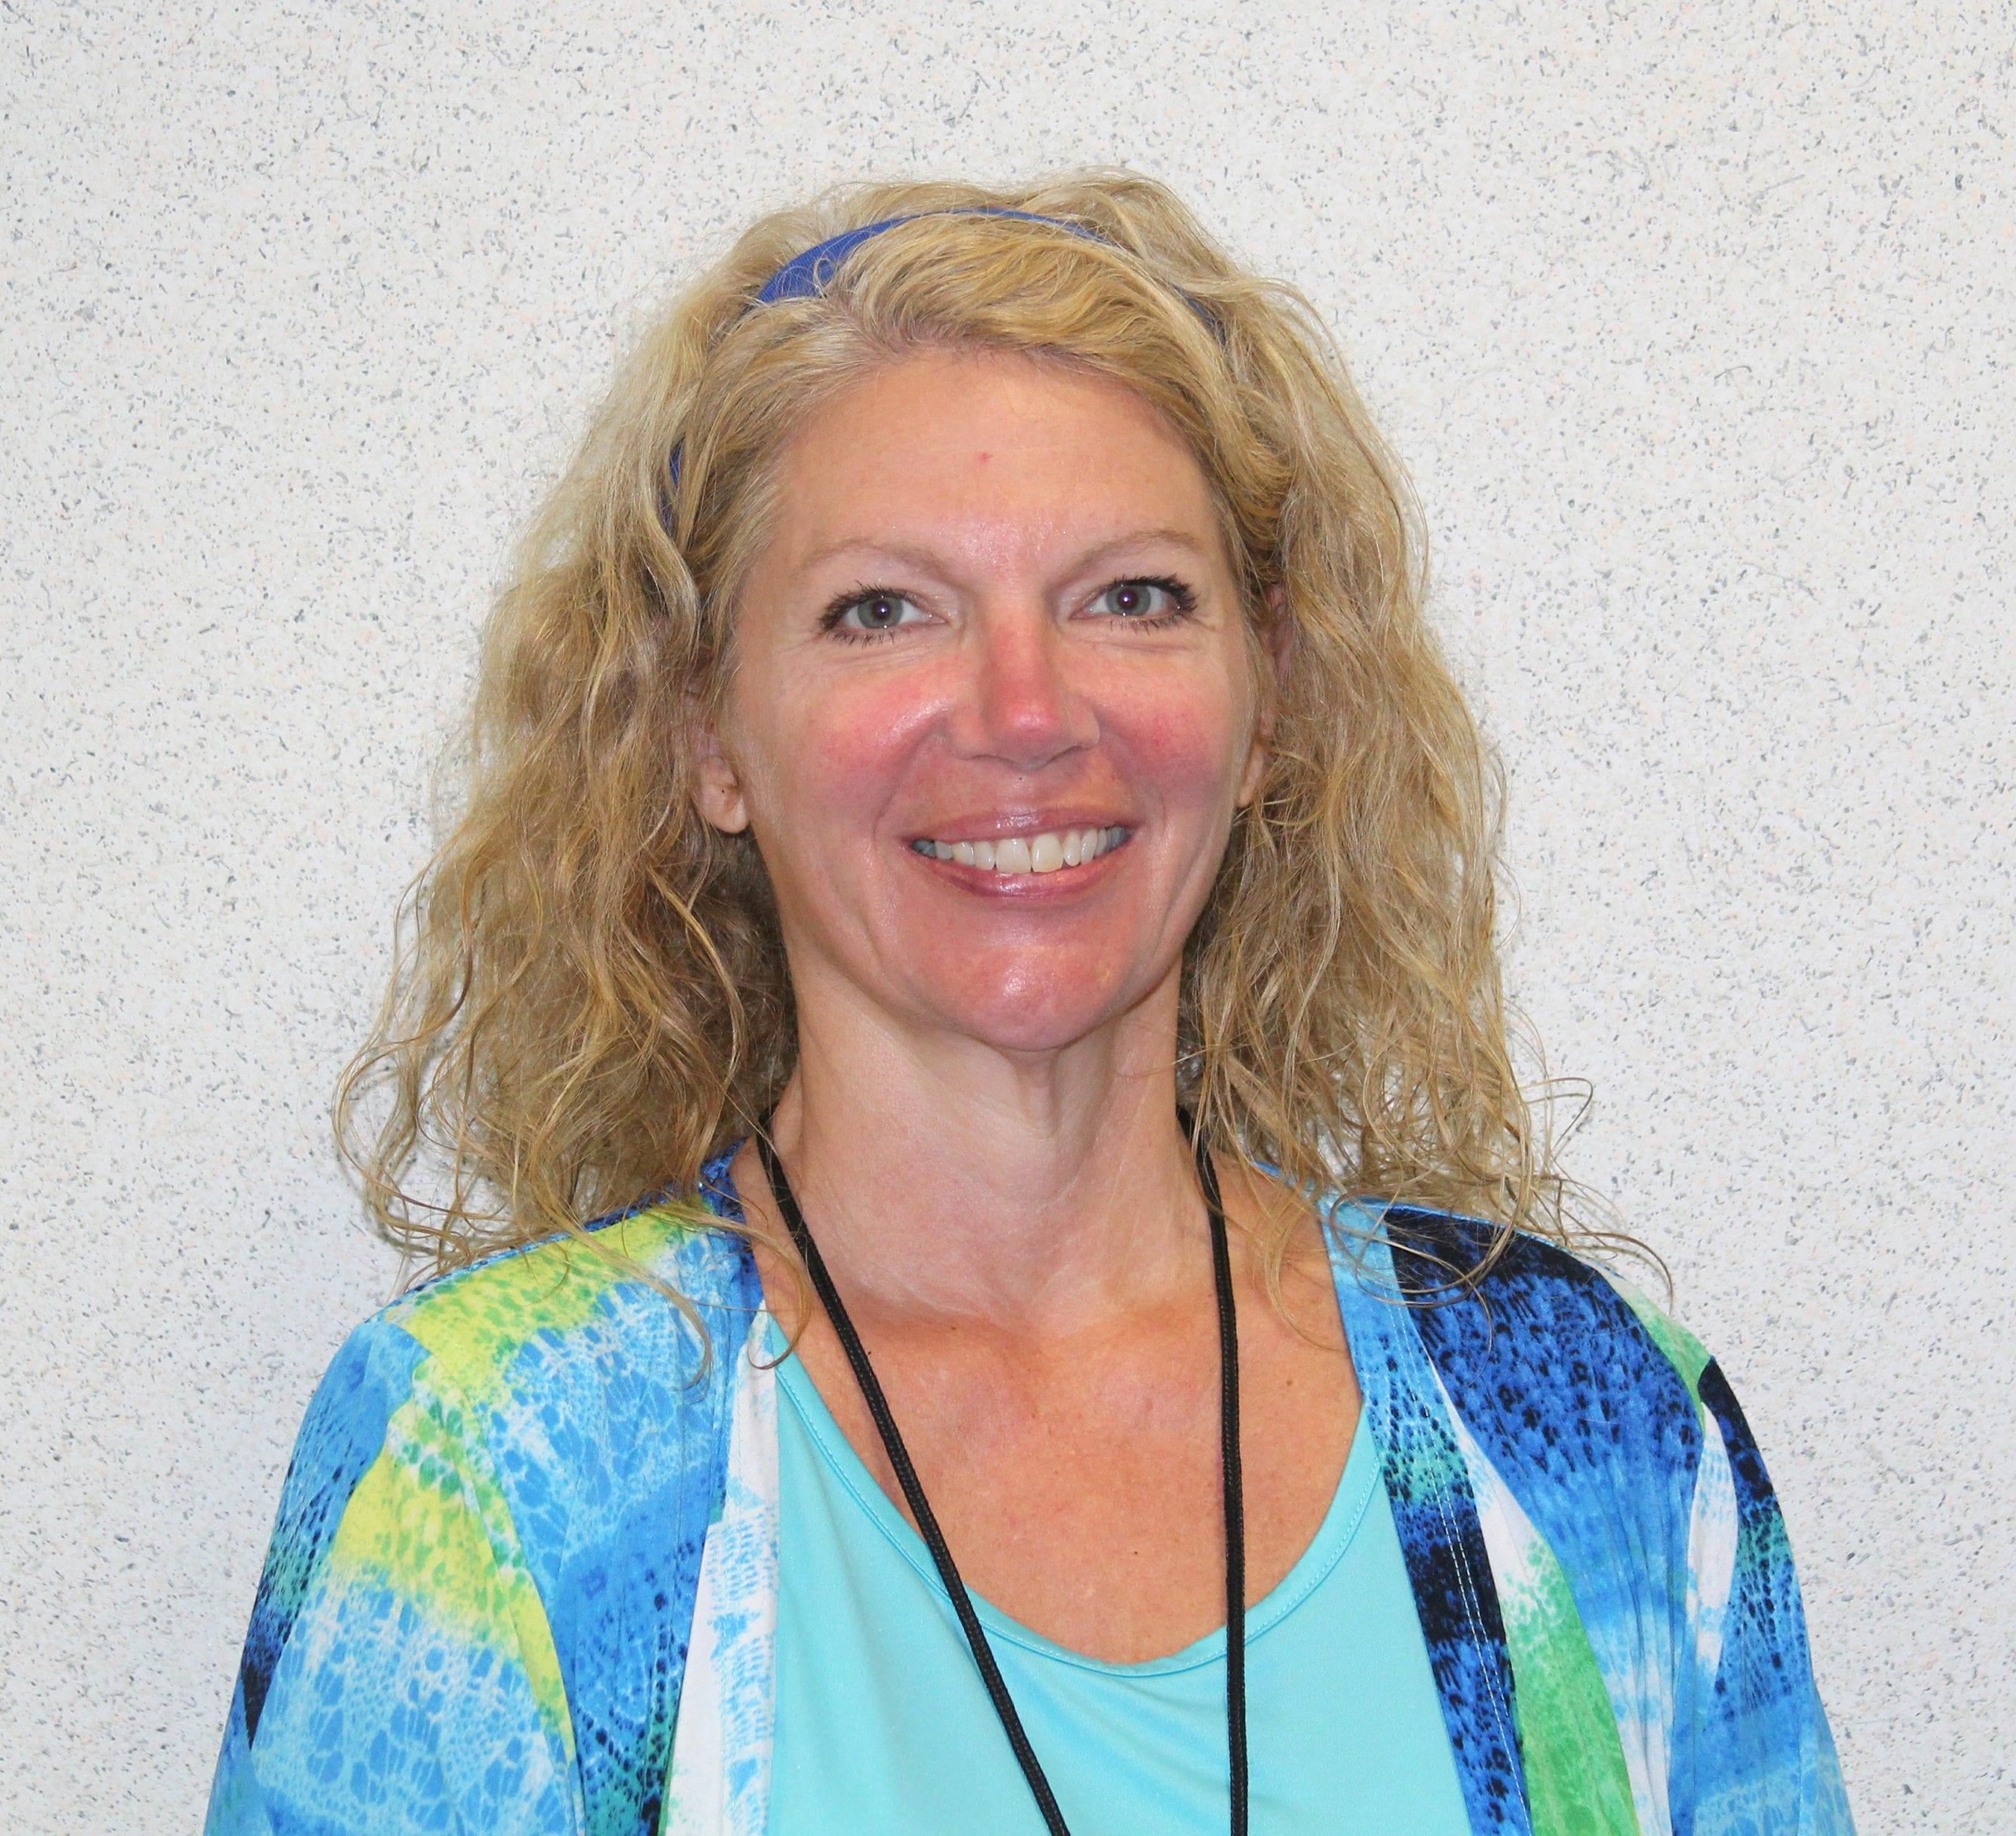 Sandy Strock